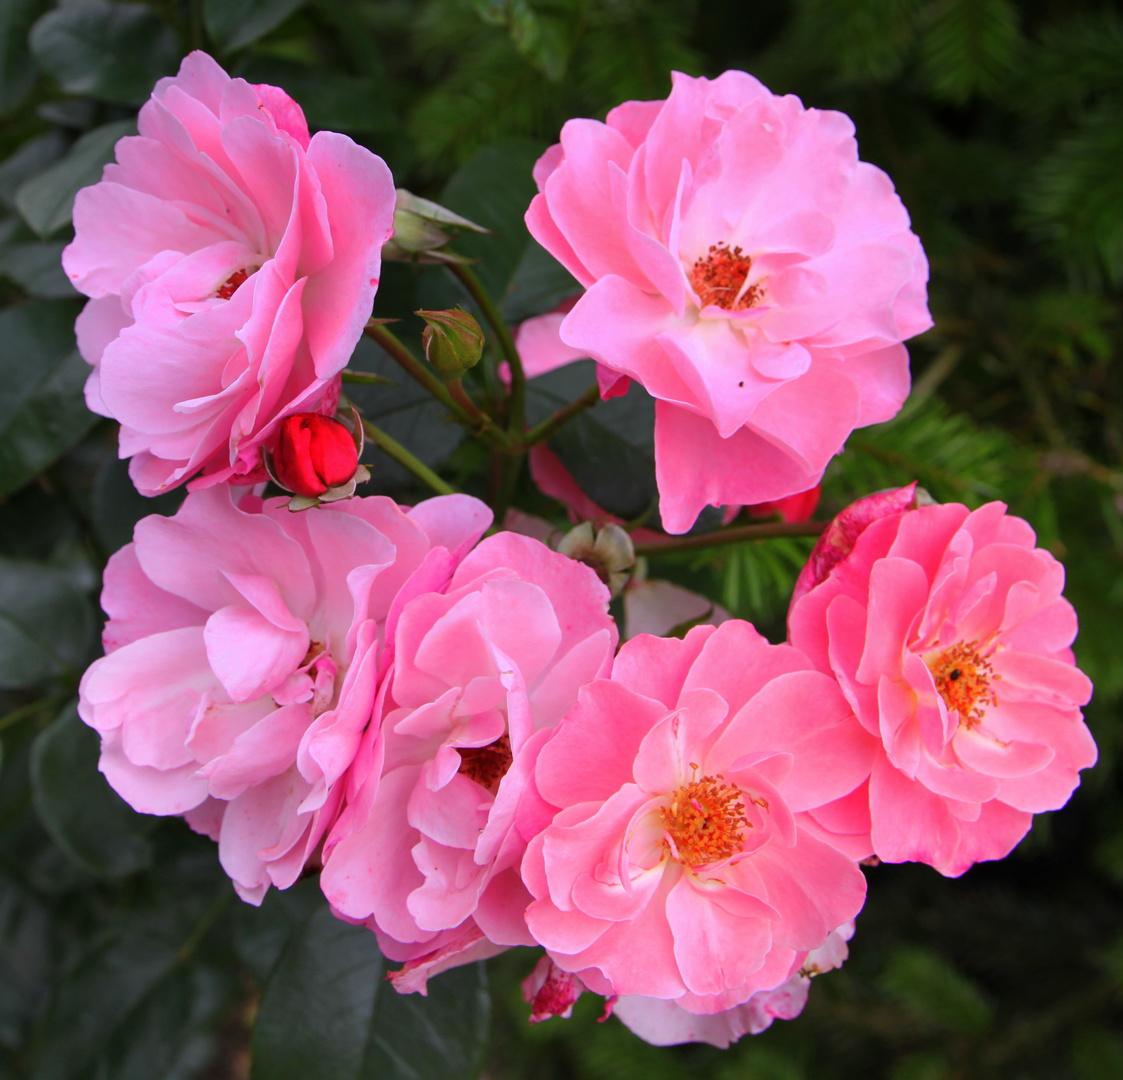 -NDR-Niedersachsen Rose in unserem Garten-